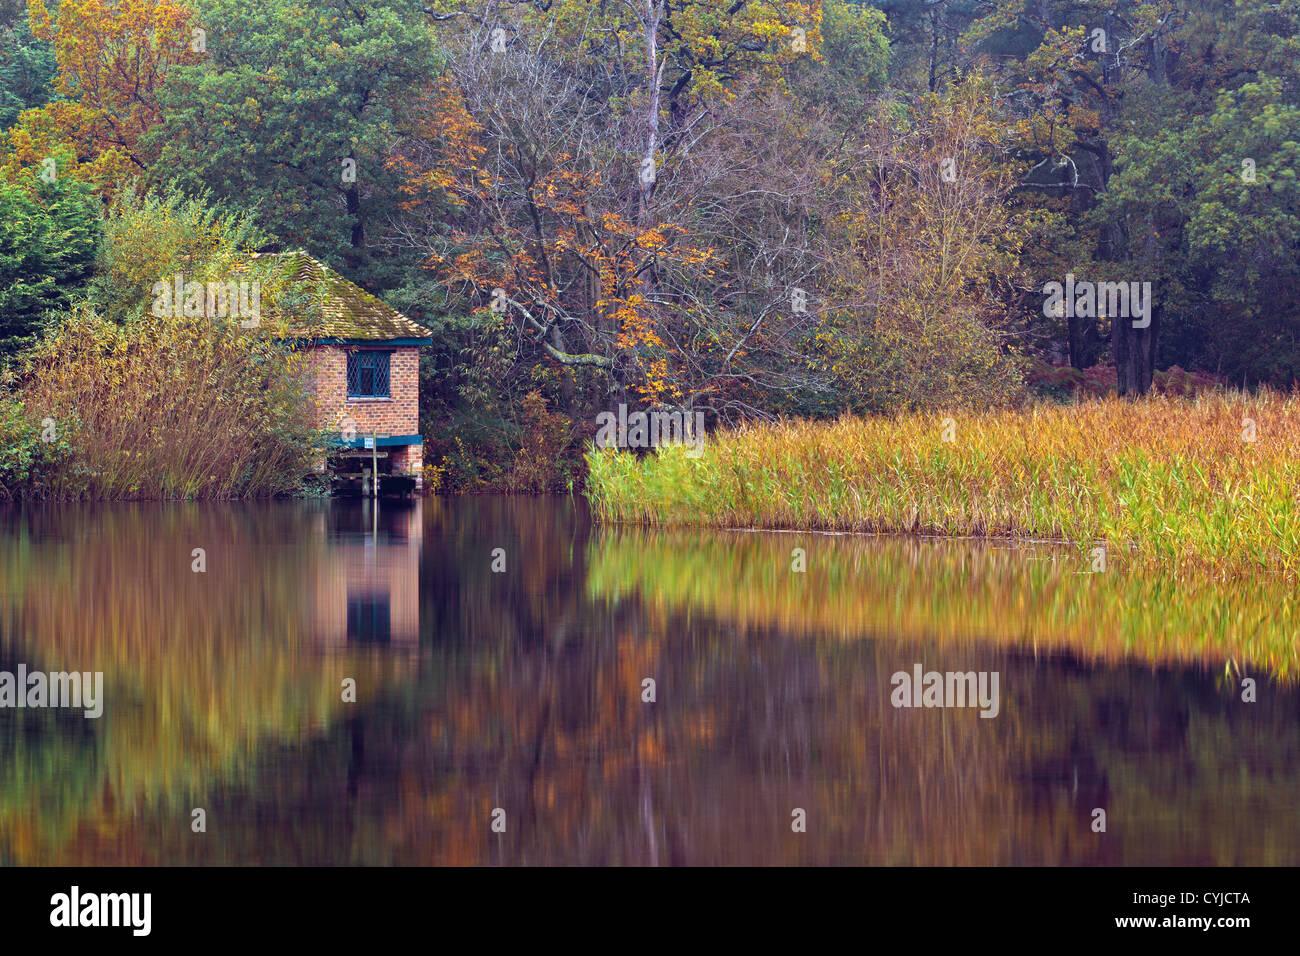 Foto des alten Bootshauses am Teich bei Hamlin in Surrey England Stockbild